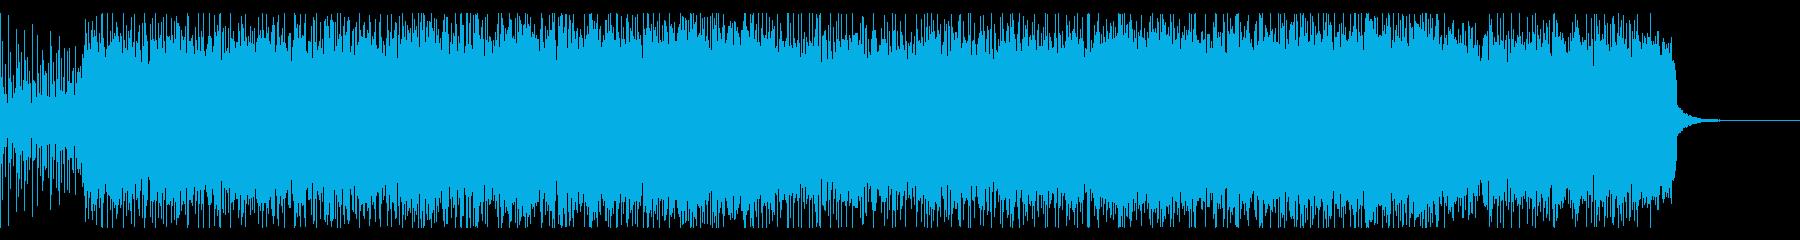 ツーバスが印象的なメタルの再生済みの波形